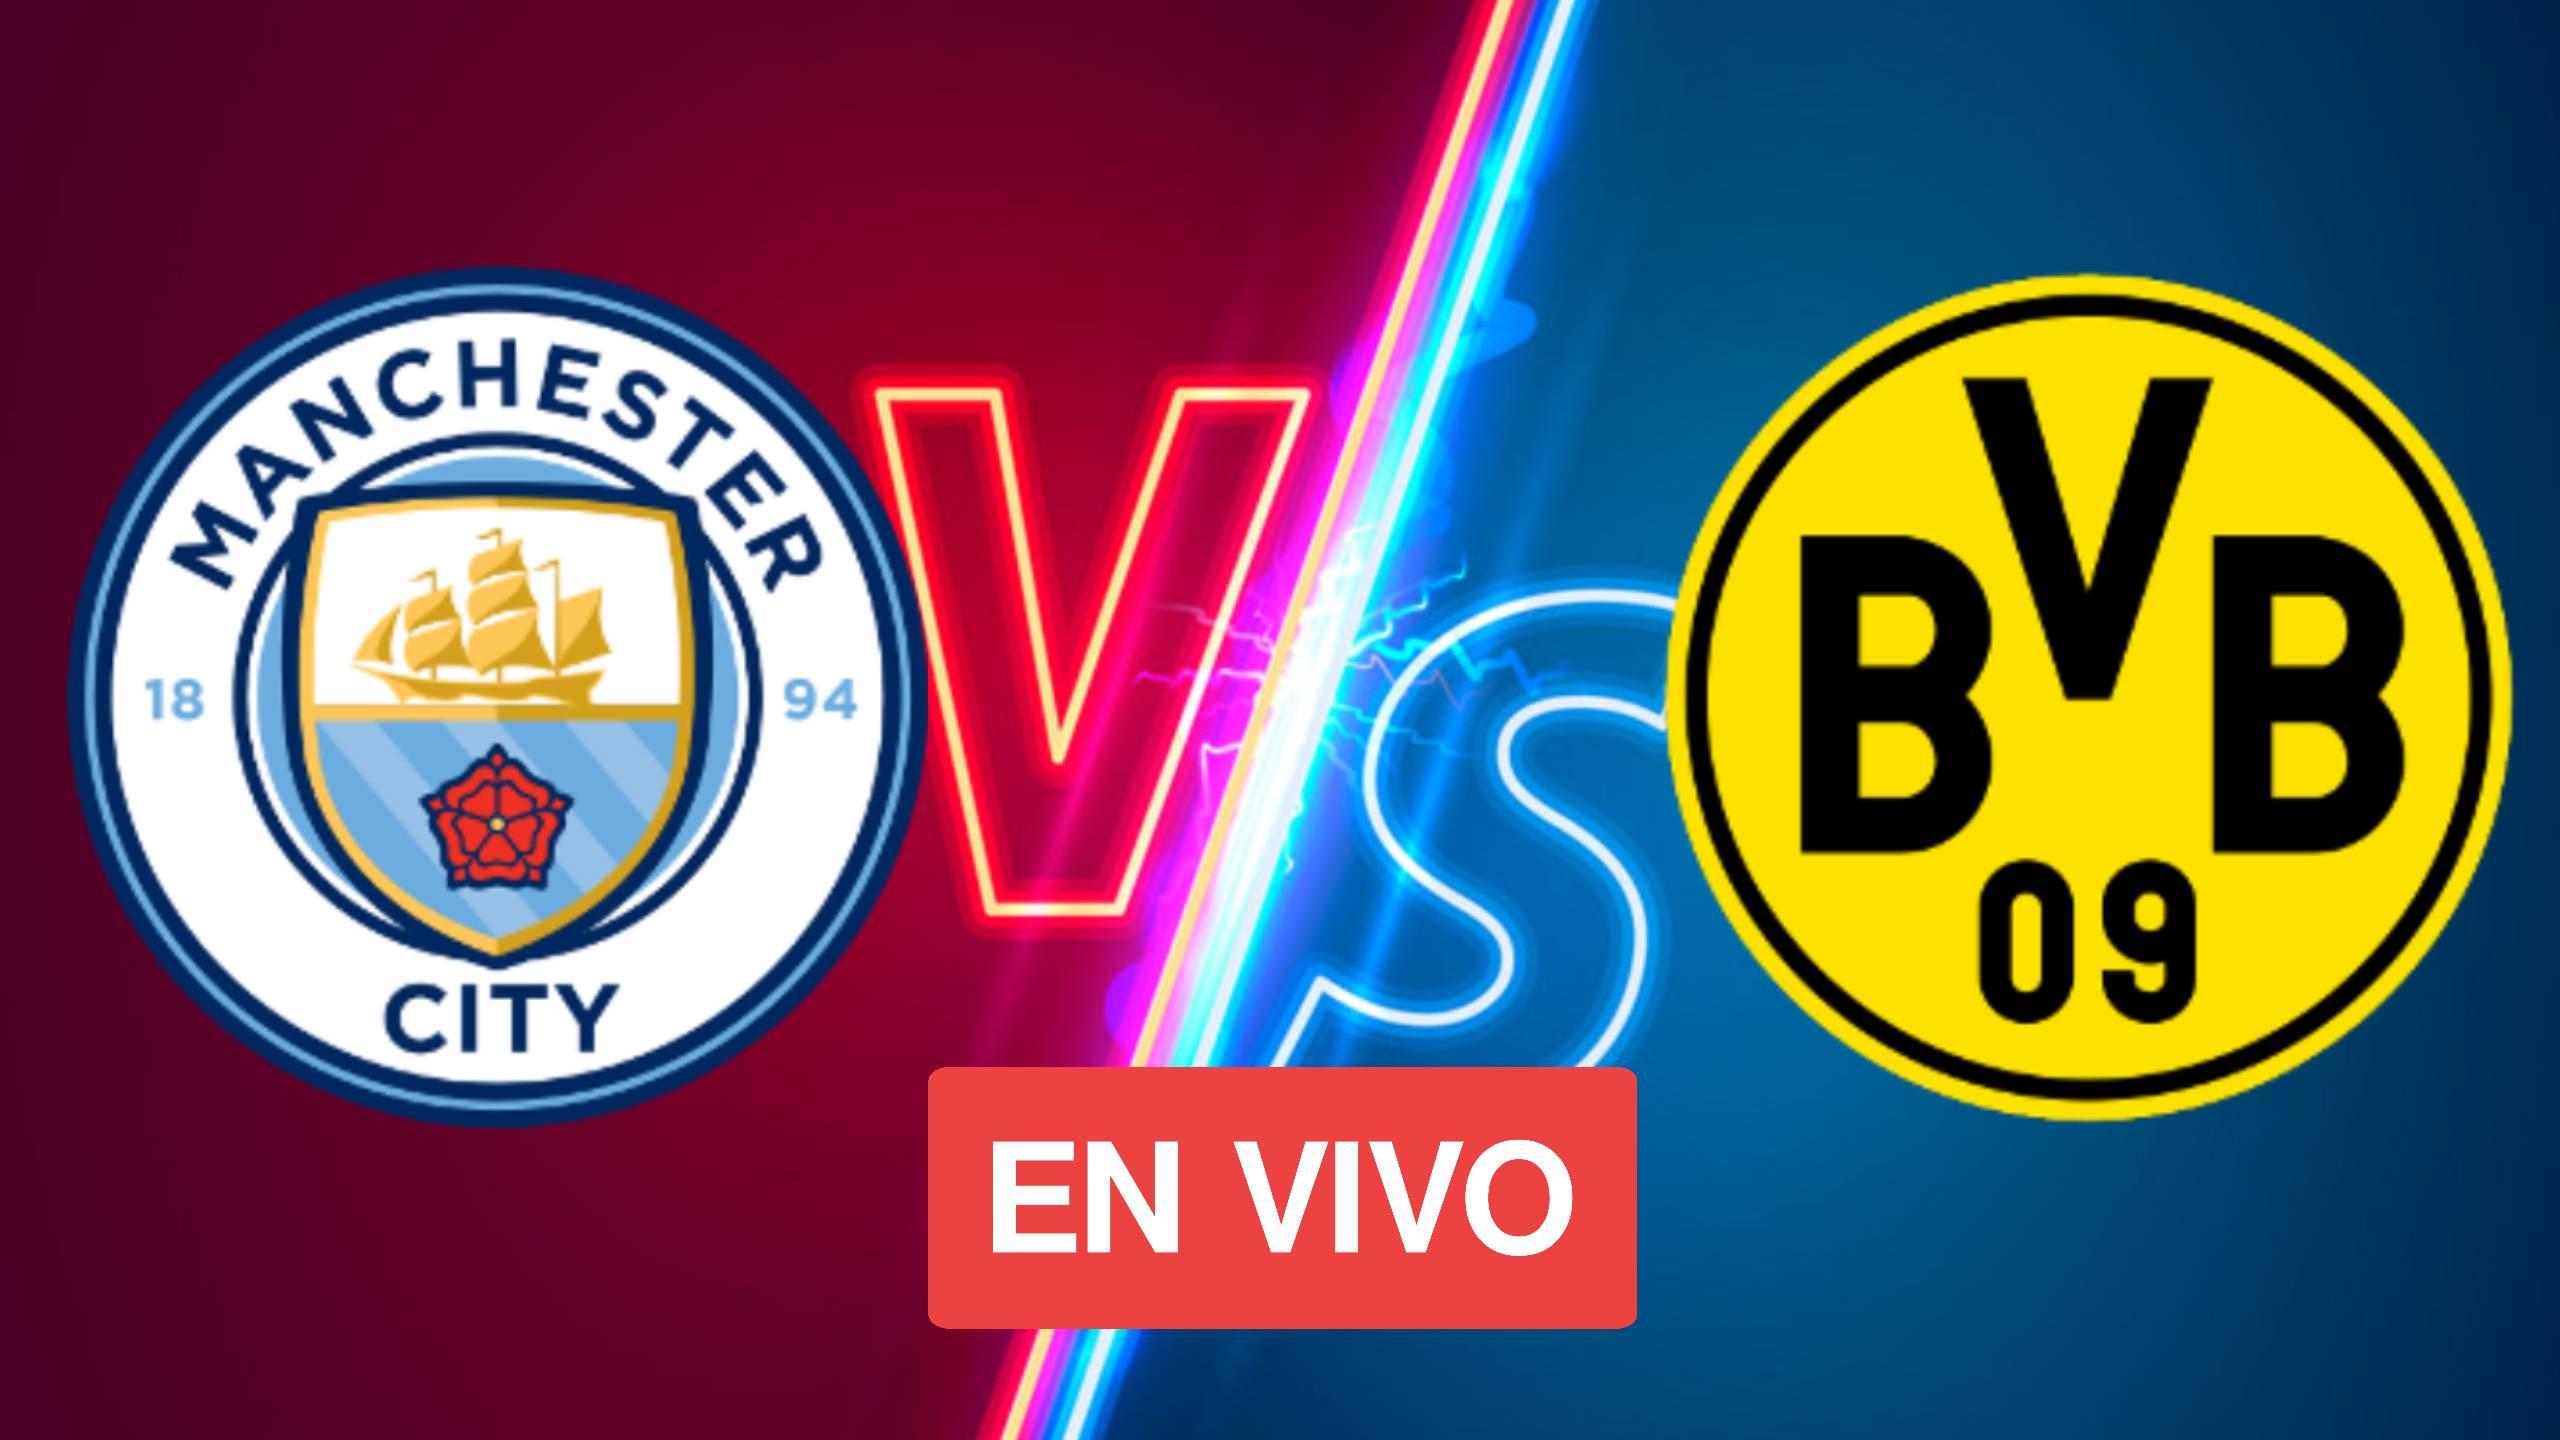 MIRAR: Manchester City vs Dortmund EN VIVO ONLINE